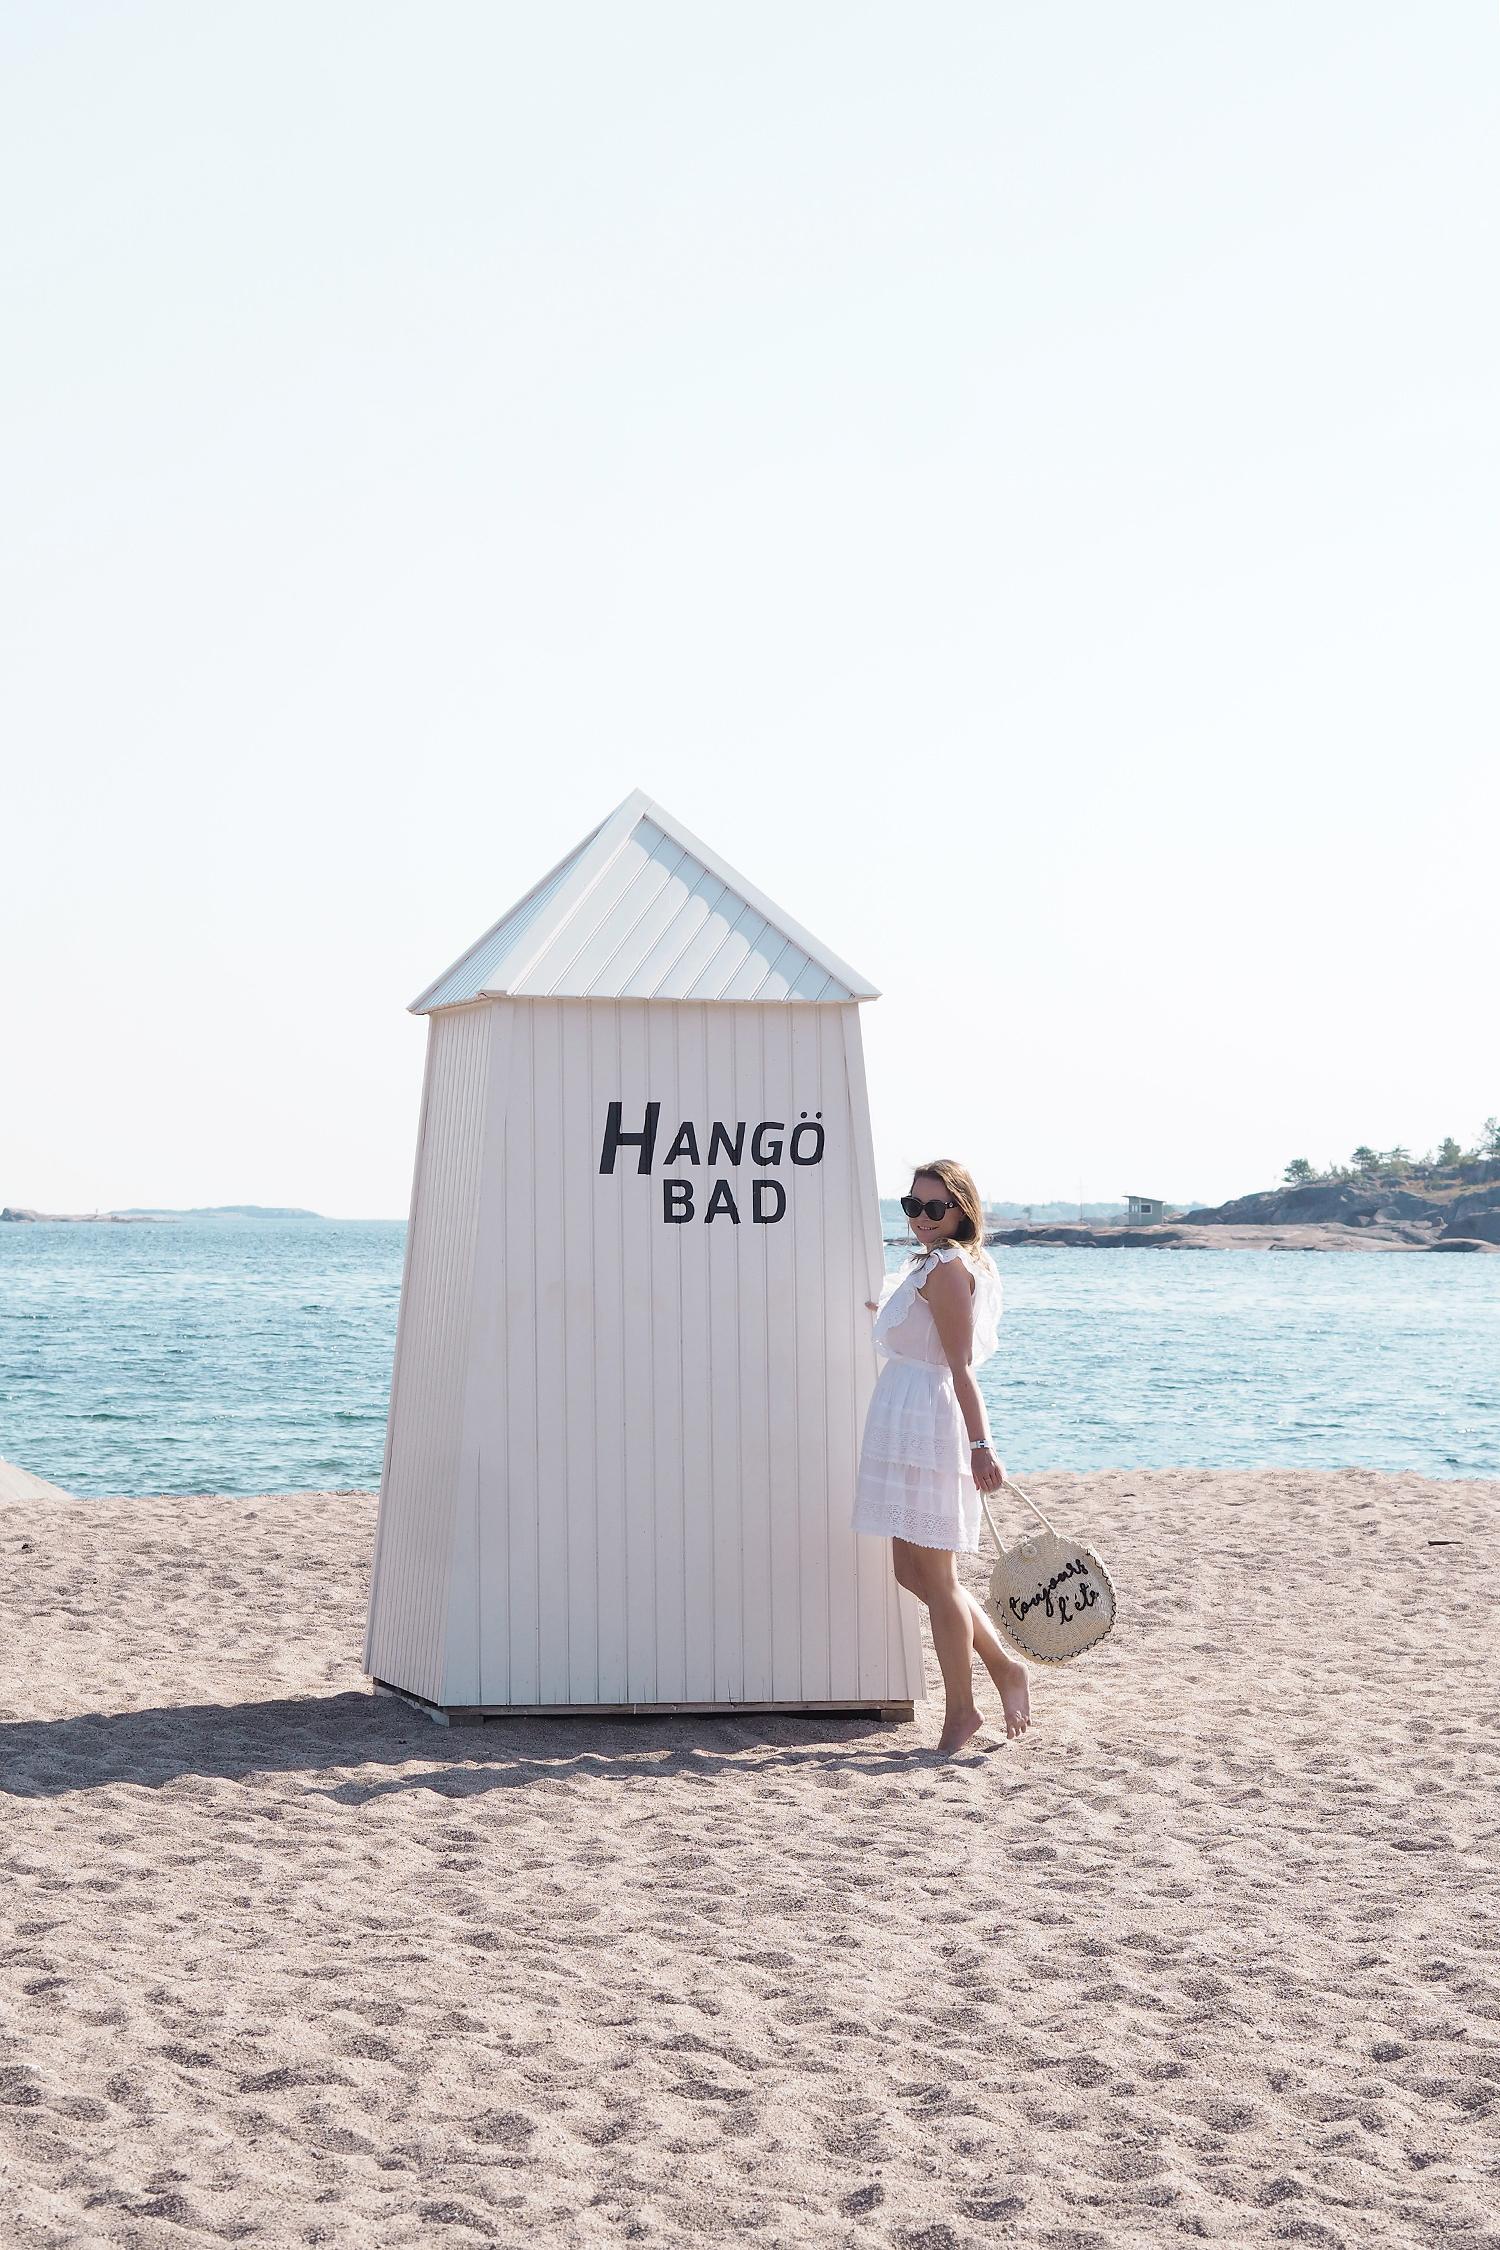 Char and the city, www.charandthecity.com, Hanko, Hangö, kesä, ranta